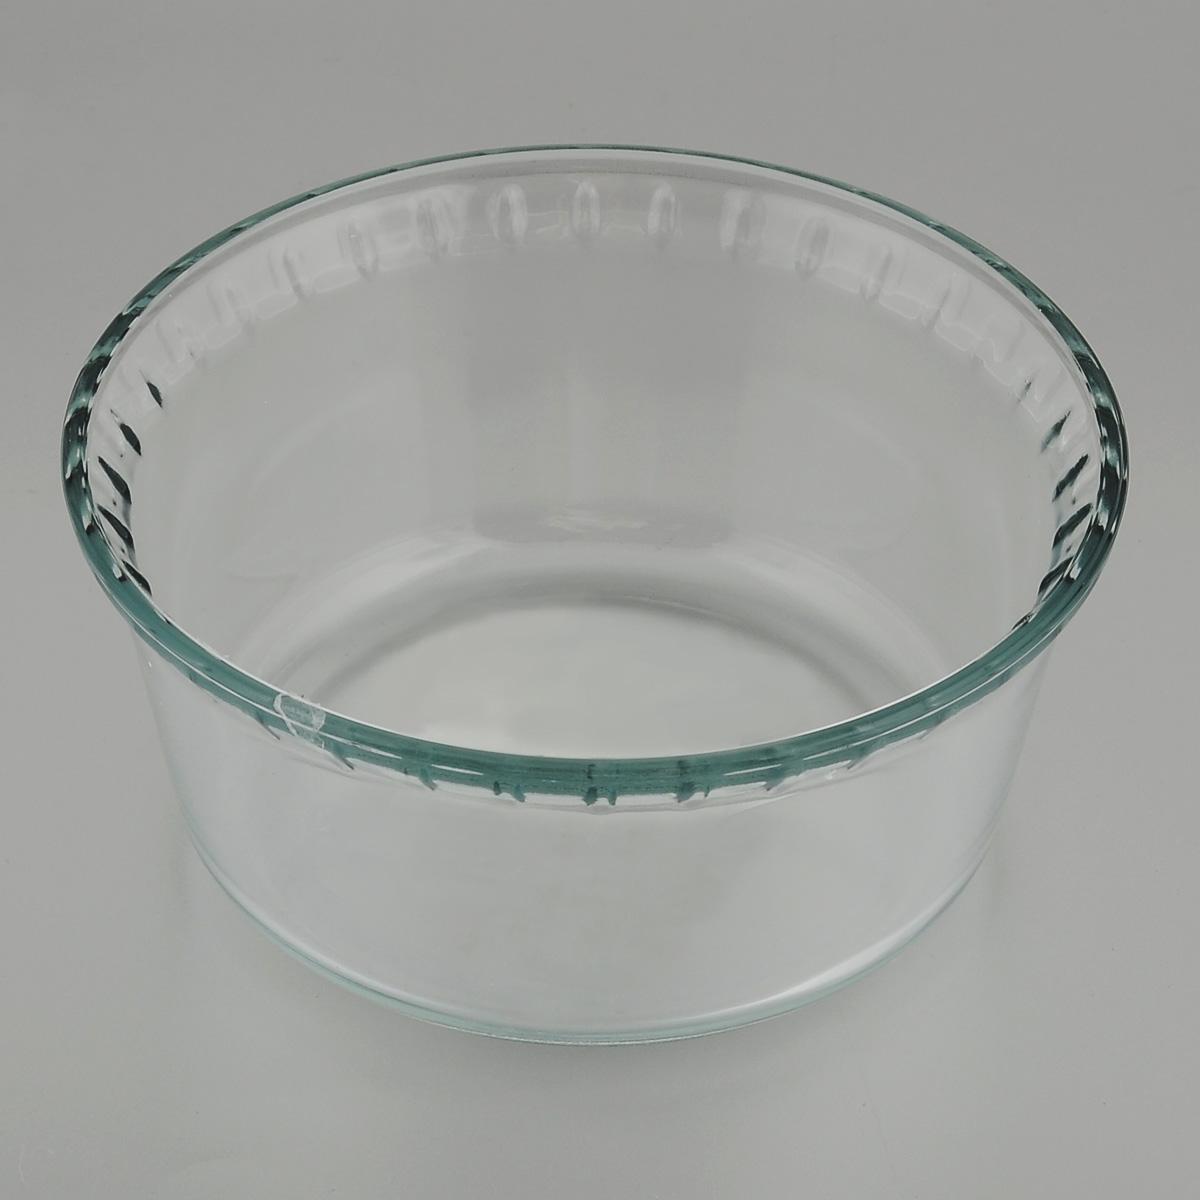 Форма для запекания Mijotex, круглая, диаметр 17 смPL21Глубокая круглая форма для запекания Mijotex изготовлена из жаропрочного стекла, которое выдерживает температуру до +450°С. Форма предназначена для приготовления горячих блюд. Материал изделия гигиеничен, прост в уходе и обладает высокой степенью прочности. Форма идеально подходит для использования в духовках, микроволновых печах, холодильниках и морозильных камерах. Также ее можно использовать на газовых плитах (на слабом огне) и на электроплитах. Можно мыть в посудомоечной машине.Диаметр формы: 17 см.Высота стенки формы: 8 см.